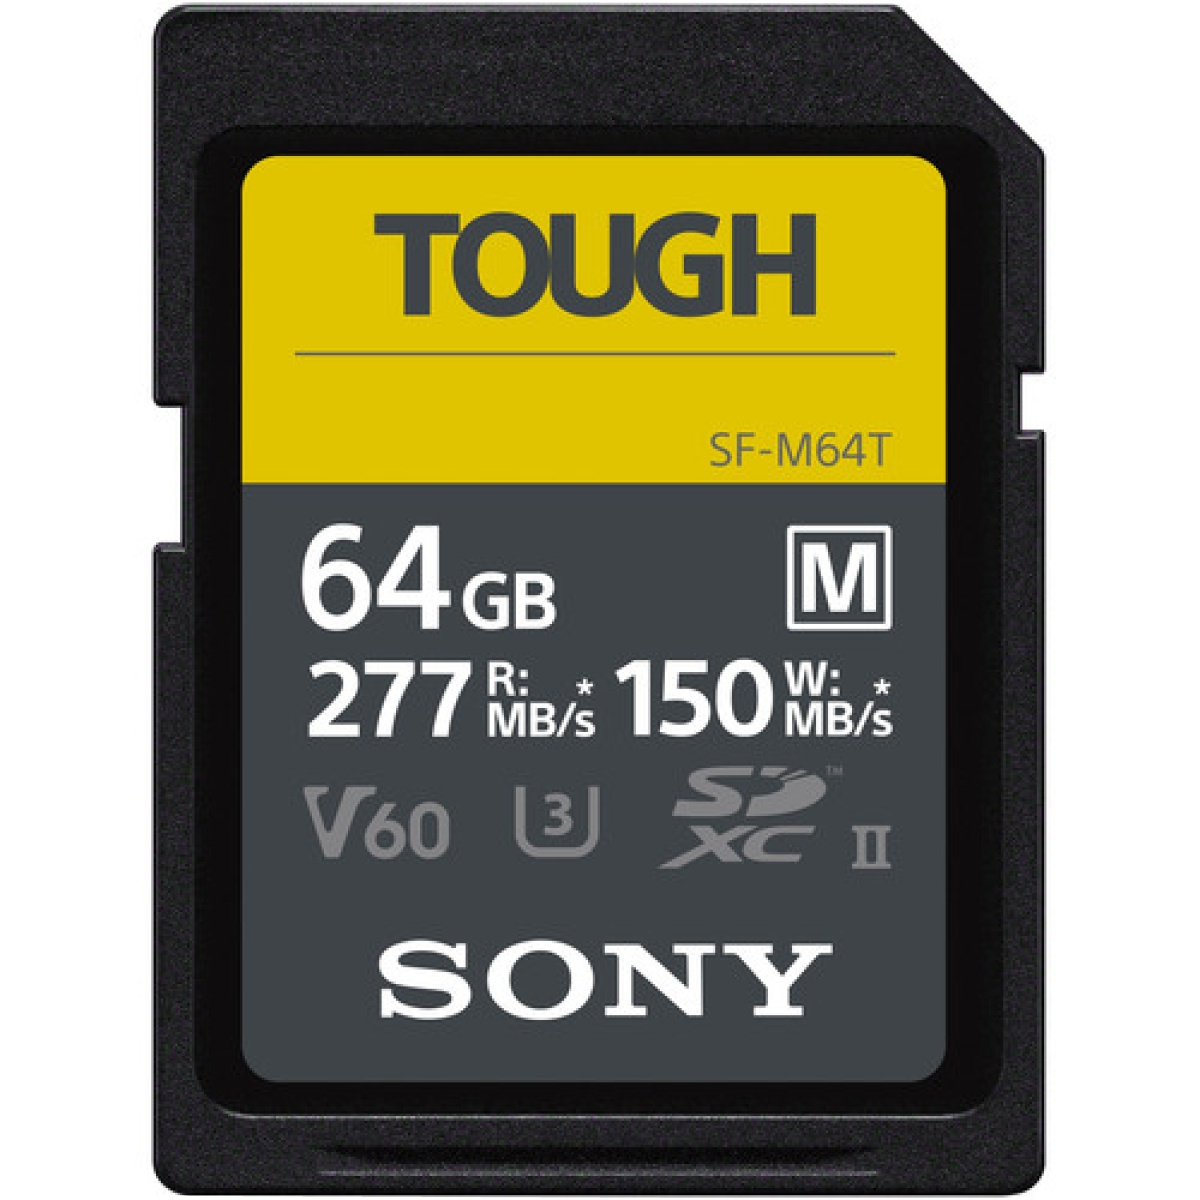 Sony 64 GB SDXC Tough M